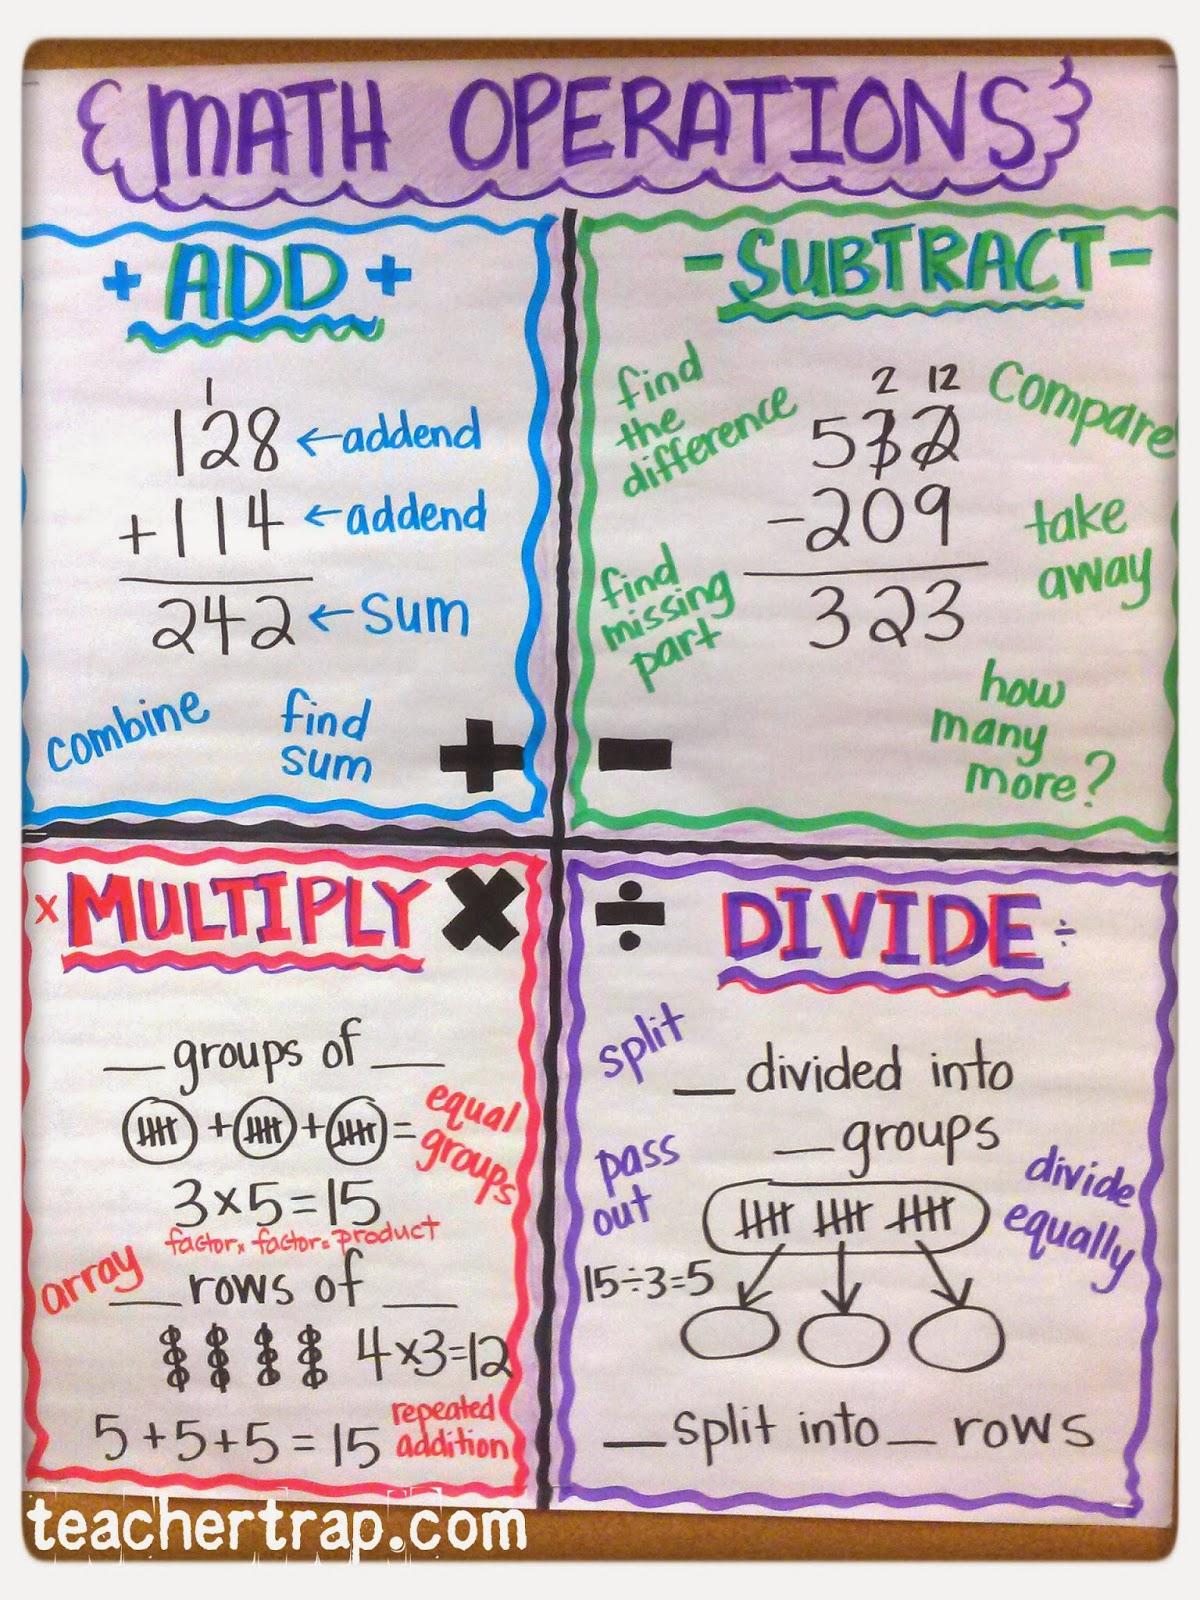 more math anchor charts teacher trap Classroom Rules Clip Art Classroom Rules Clip Art